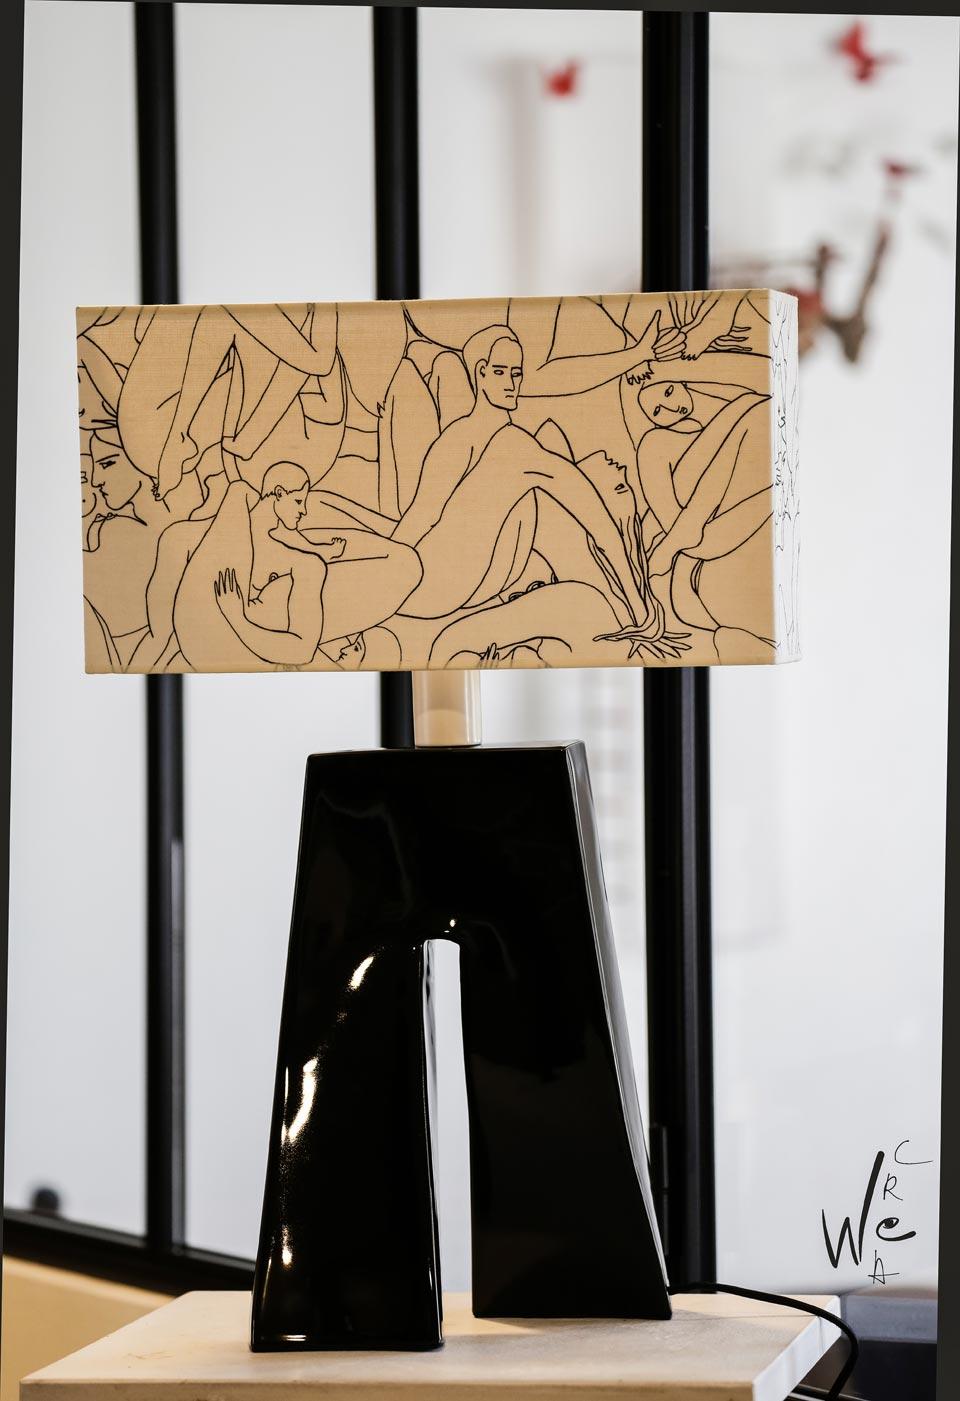 Lampe Ballade Le couple de Pierre Frey noire. Les artisans d